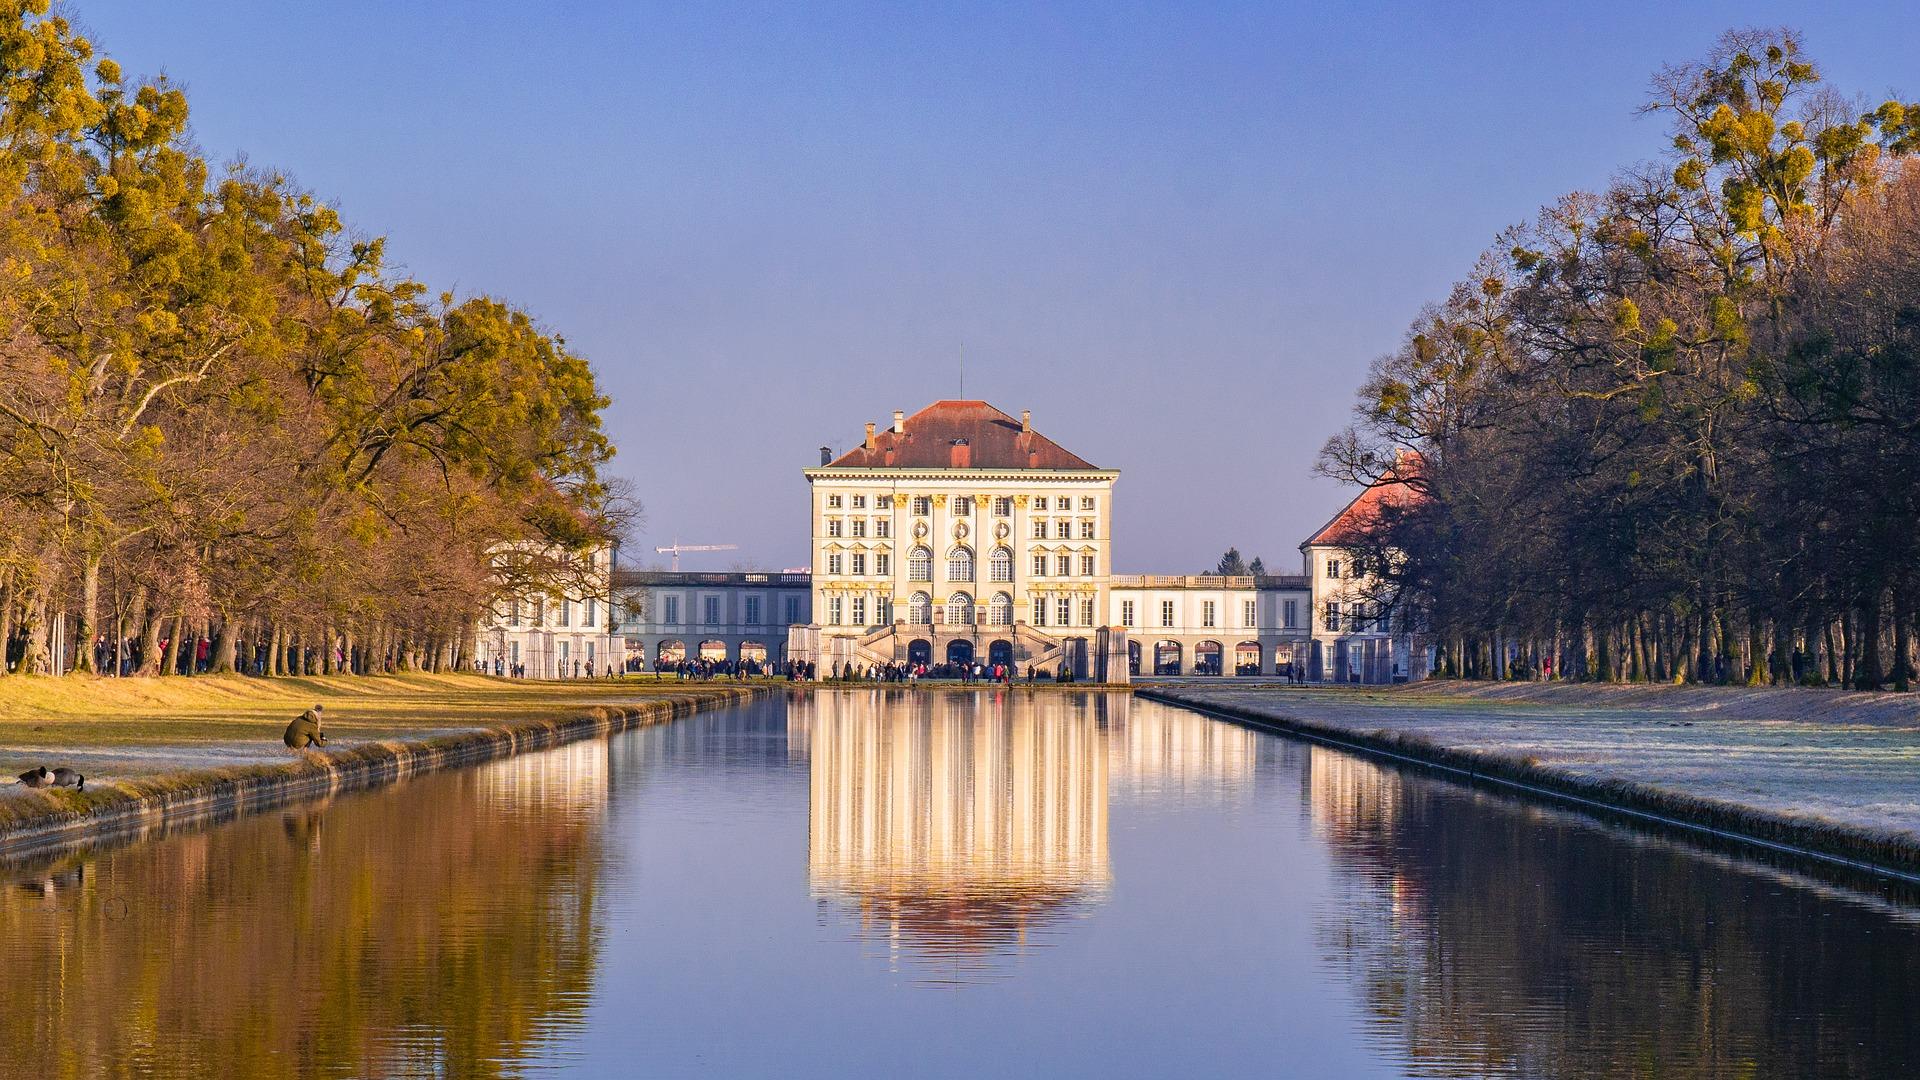 Visita guiada al Palacio de Nymphenburg en español, Múnich - 101viajes